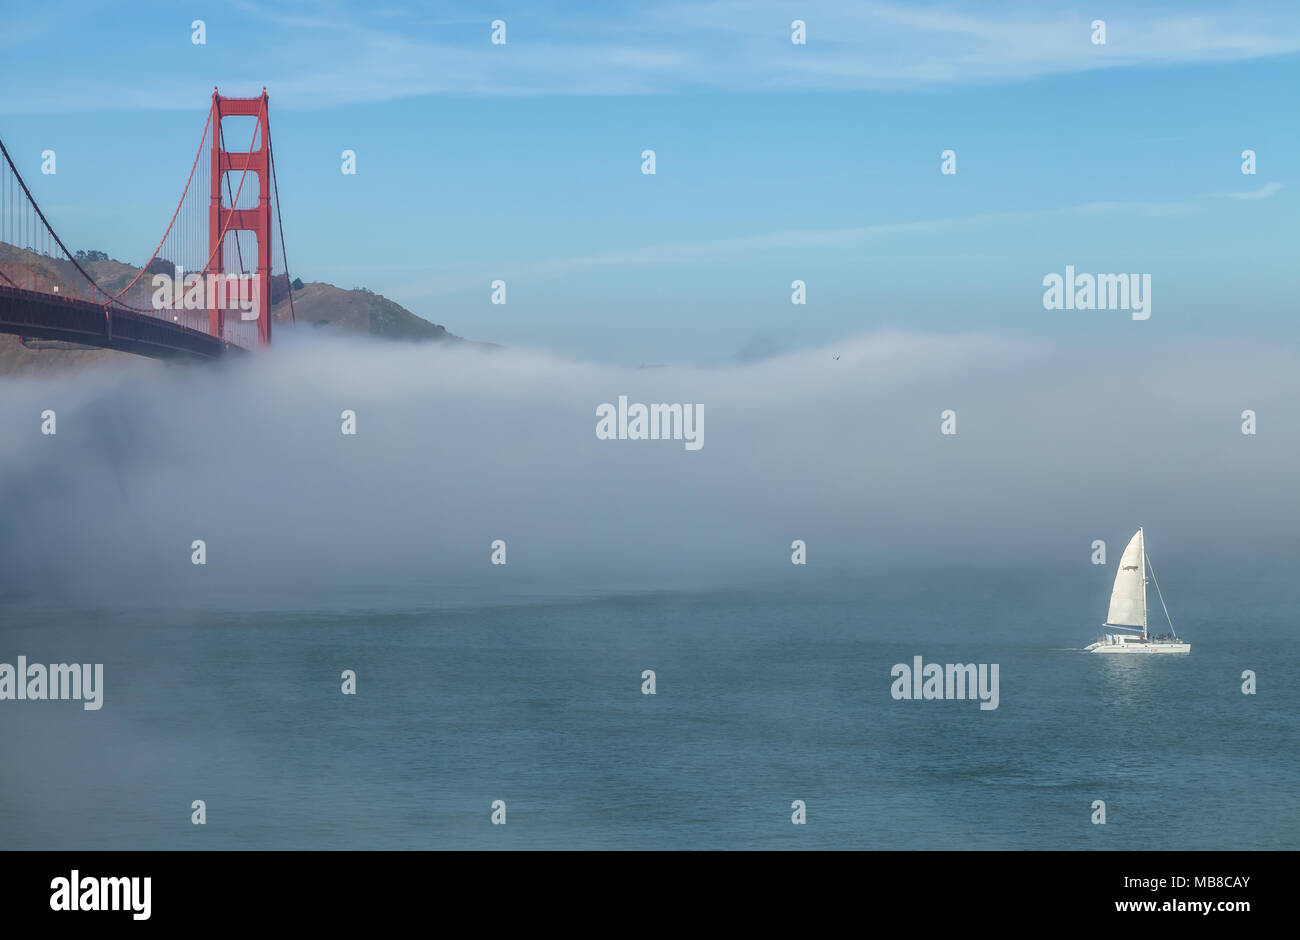 La niebla formada bajo el puente Golden Gate y la Bahía de San Francisco, California, Estados Unidos, en una temprana mañana de primavera. Imagen De Stock